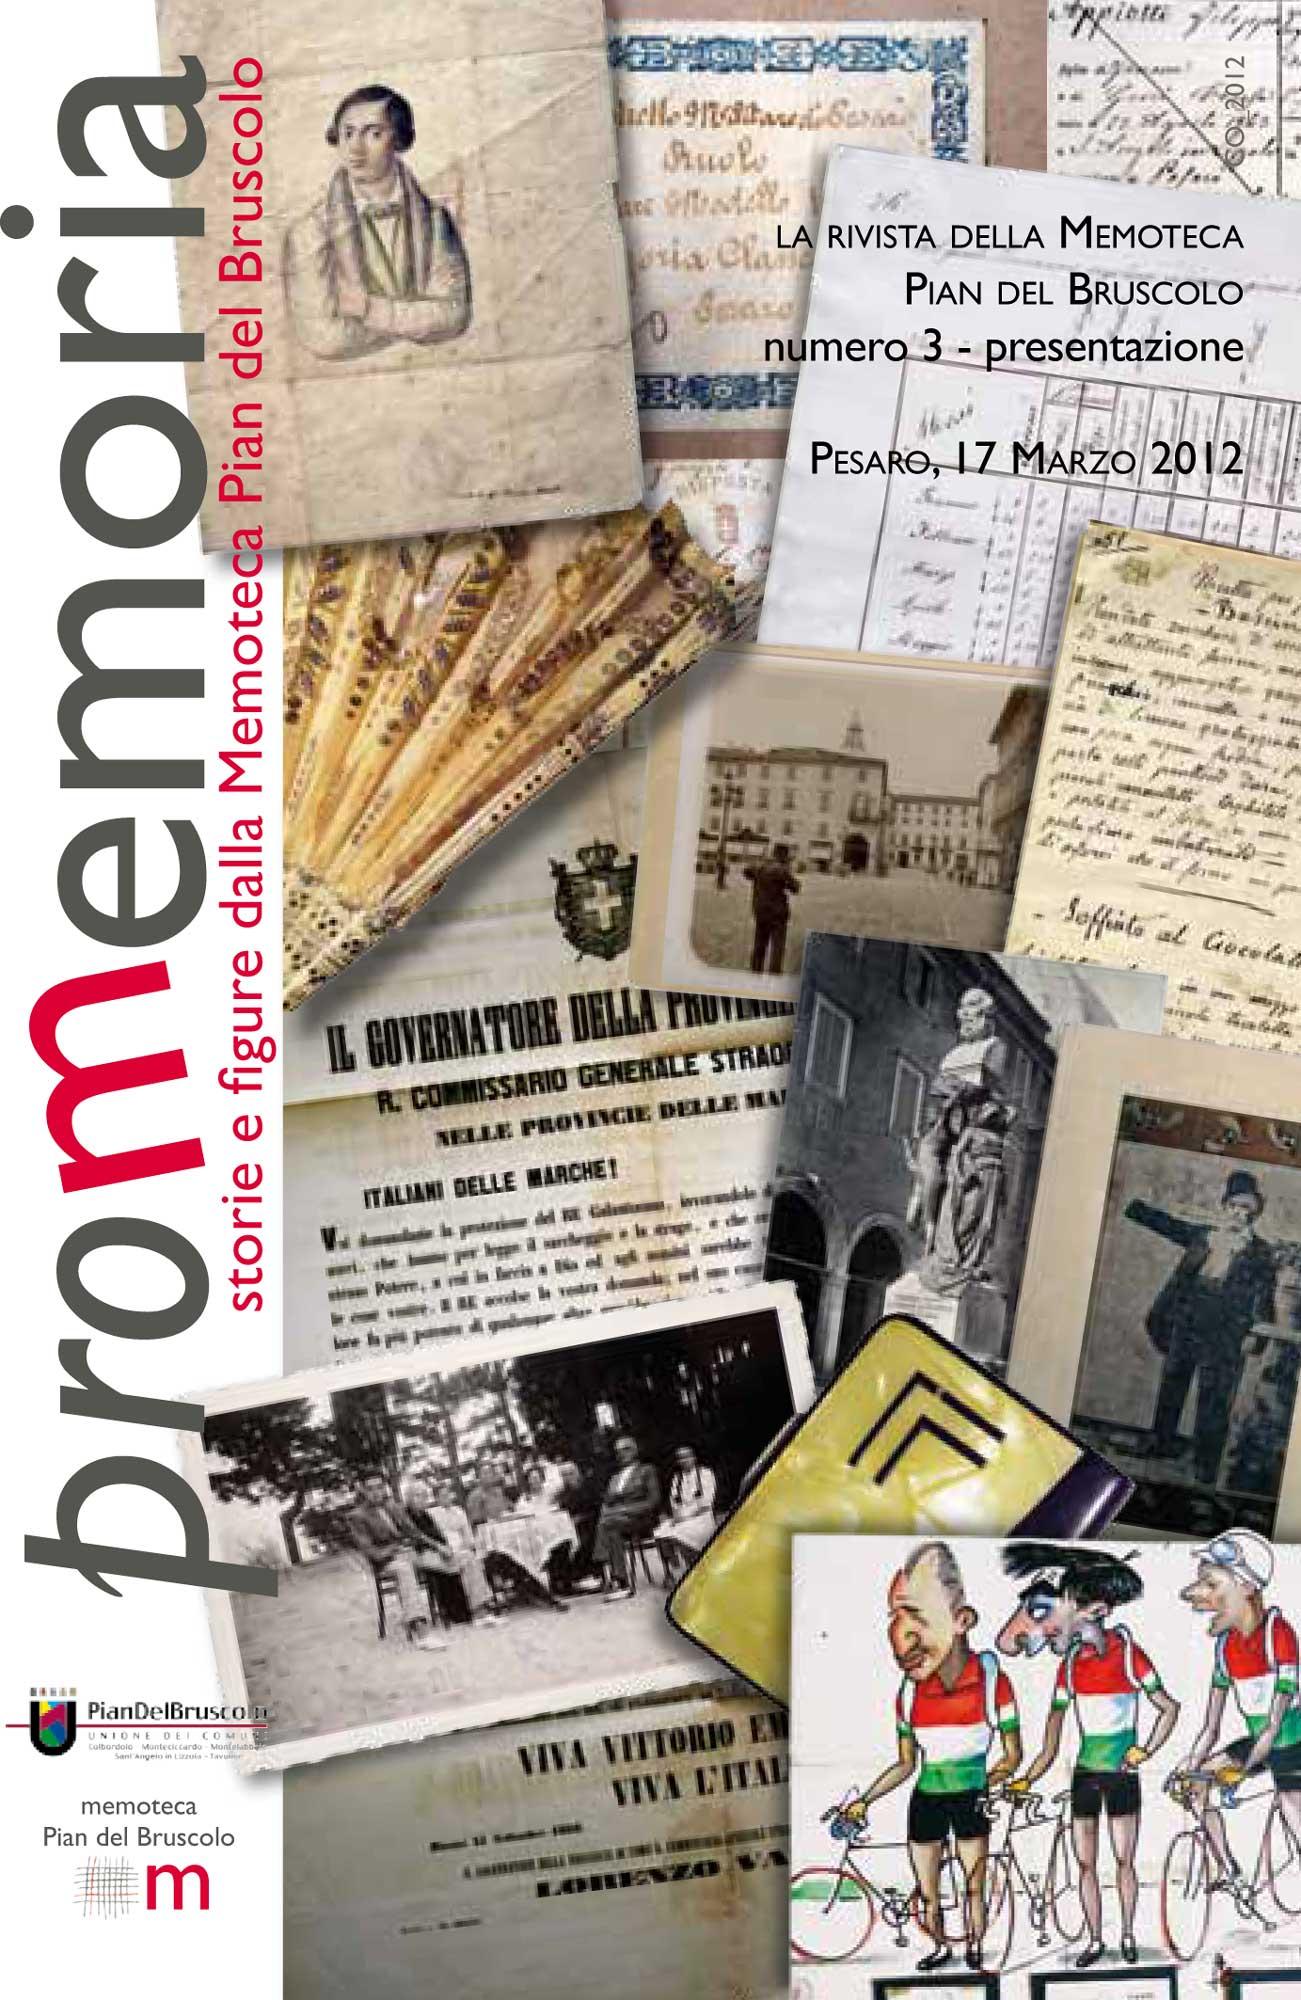 Memoteca Pian del Bruscolo - 2012